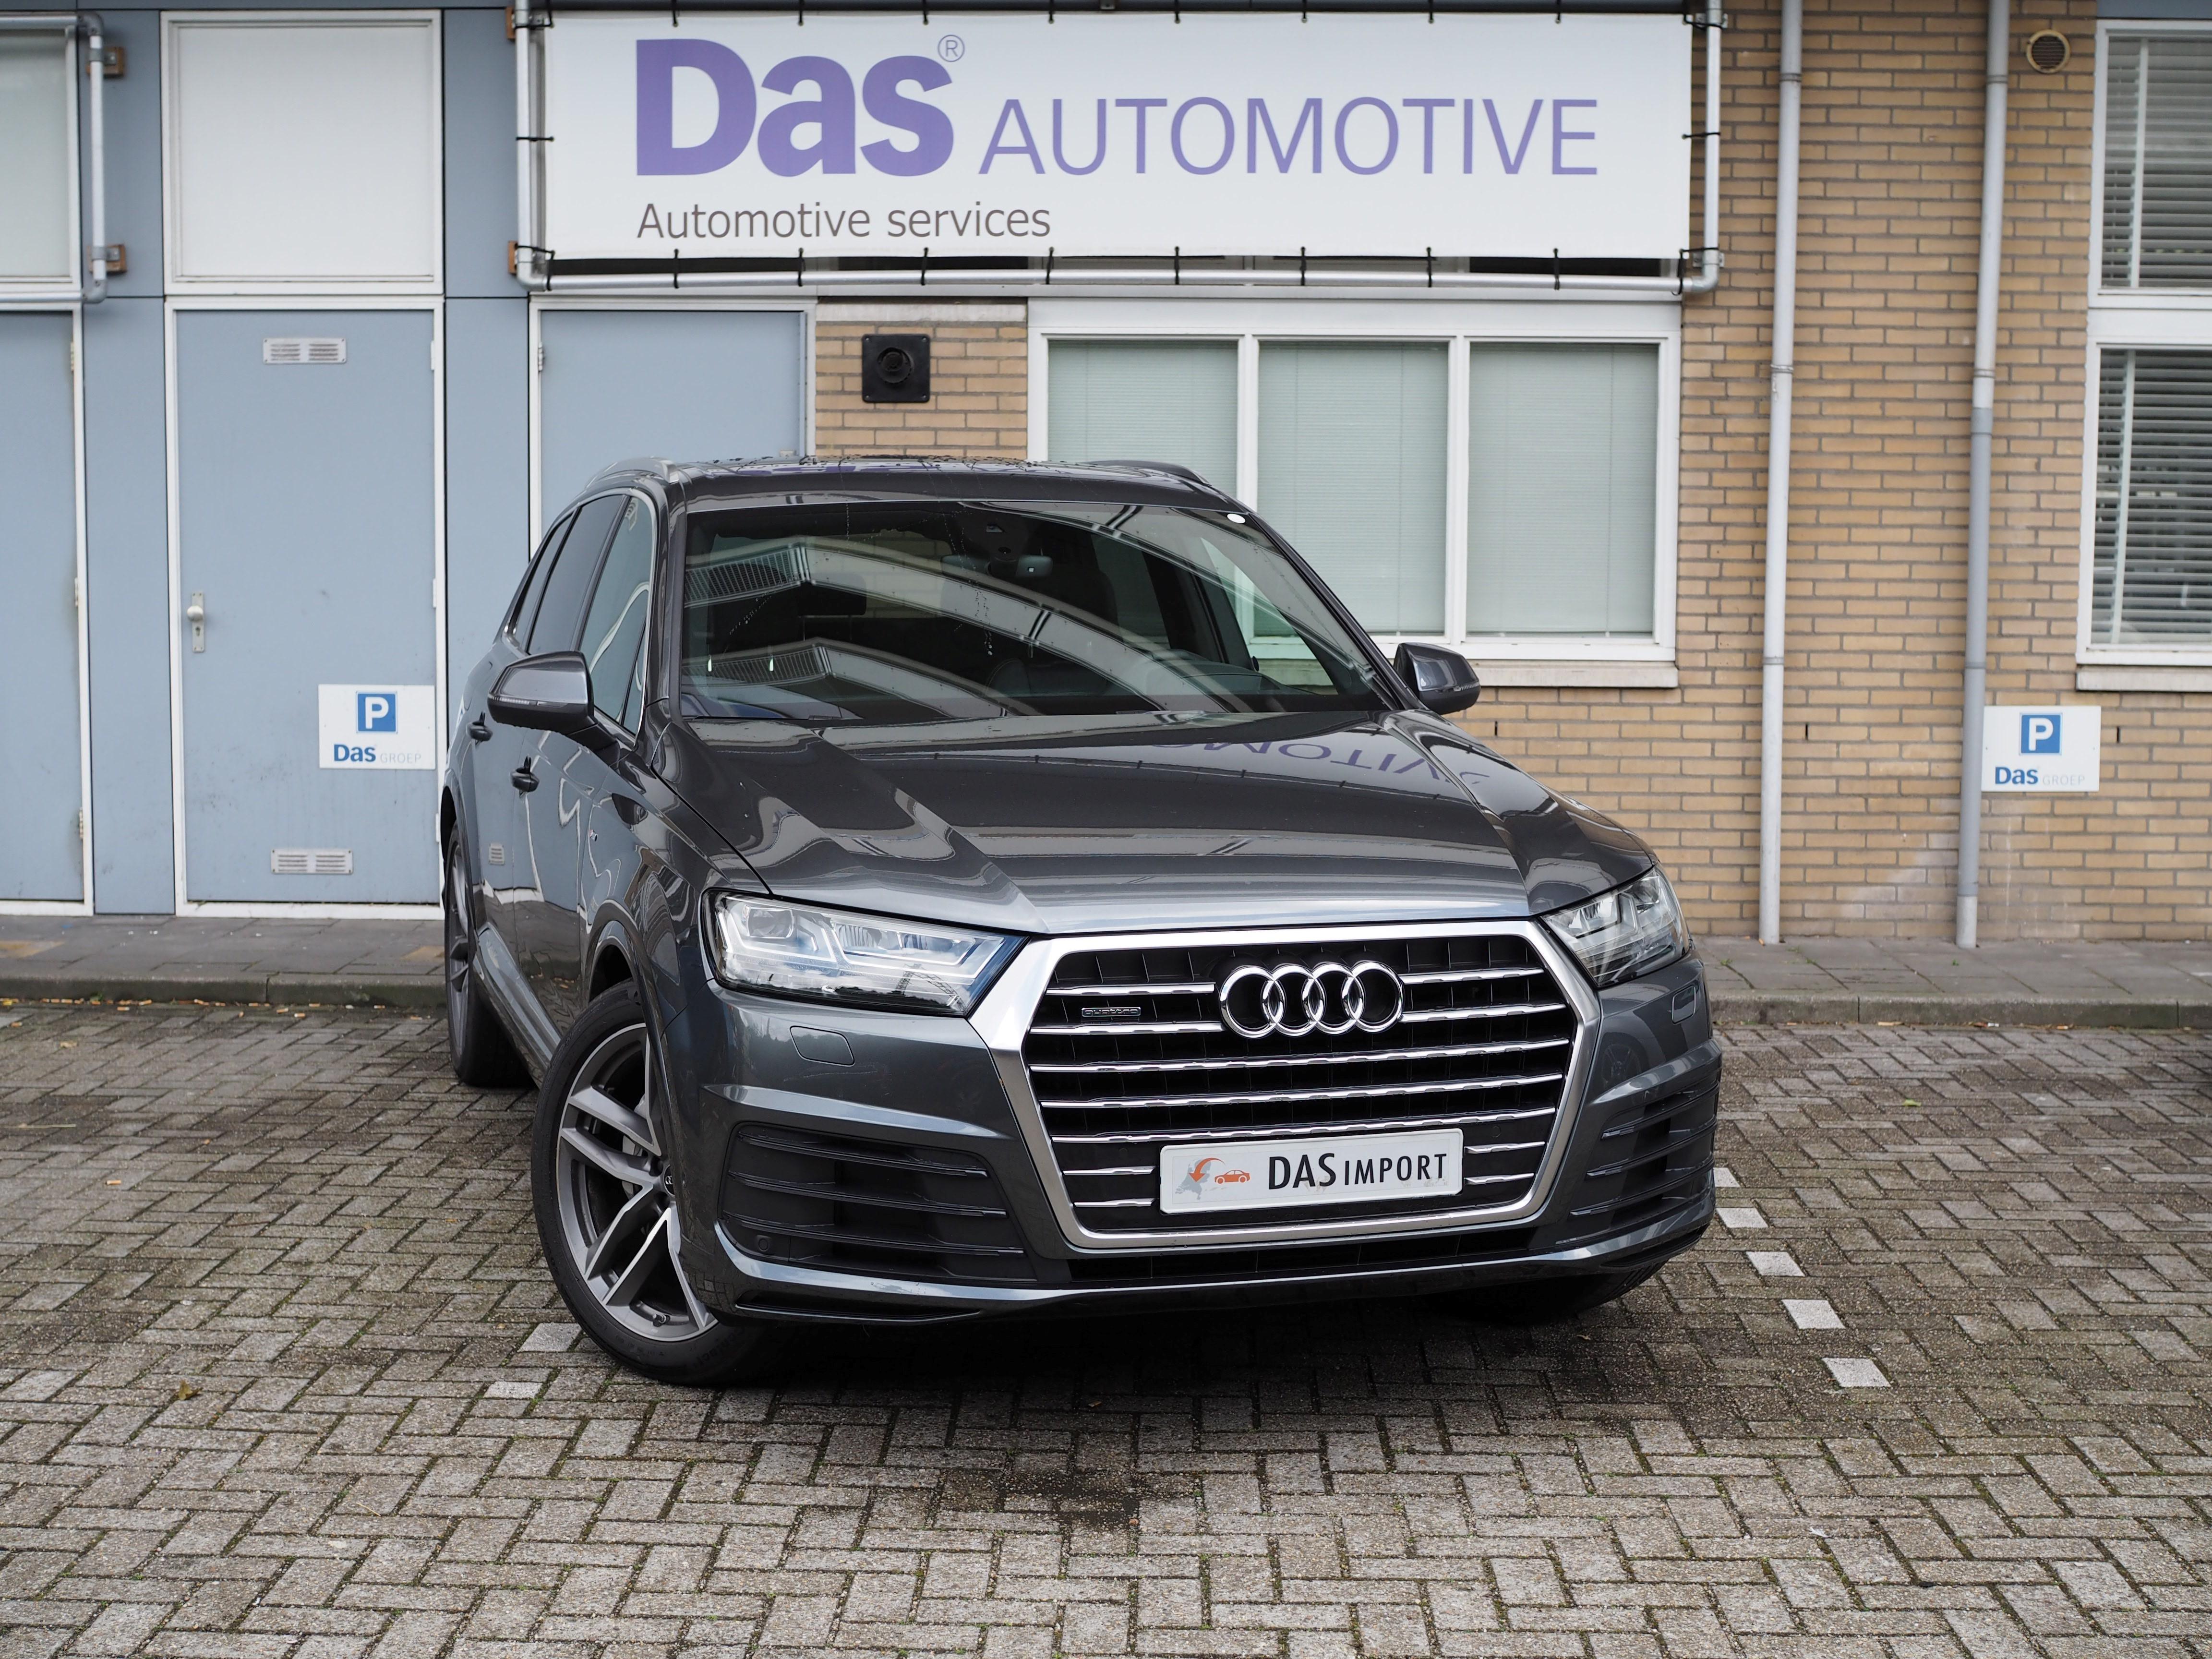 Importauto: Audi Q7 Diesel 3.0 TDI 200kW quattro 6/2016